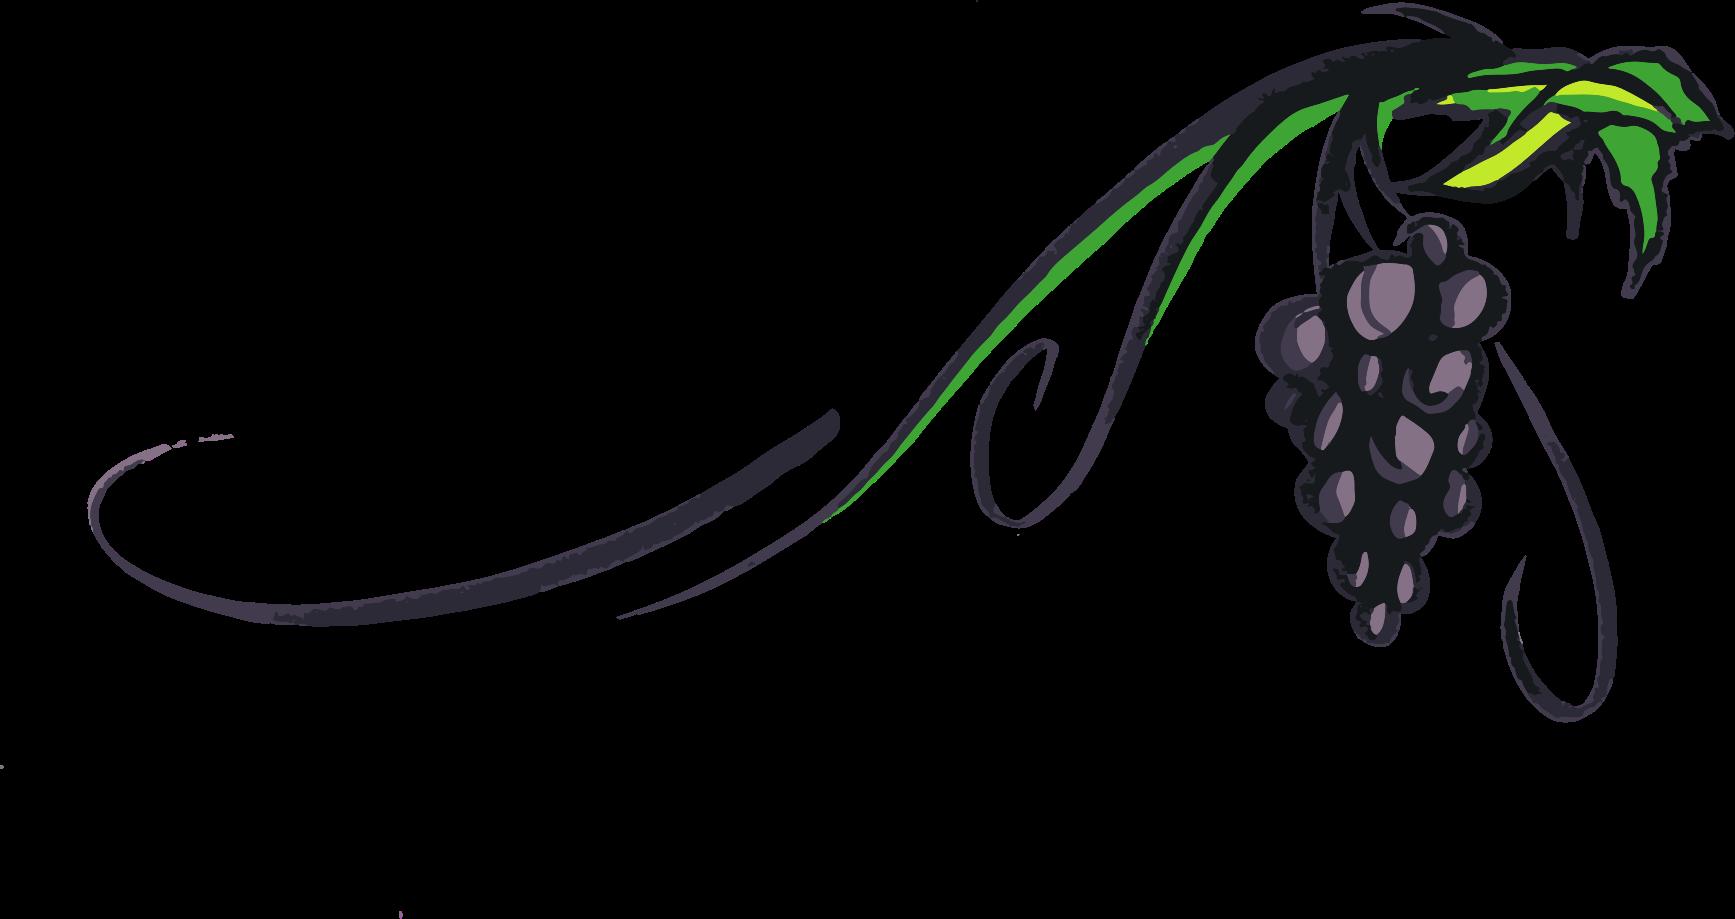 Grape clipart simple. Vine cliparthut free raseone